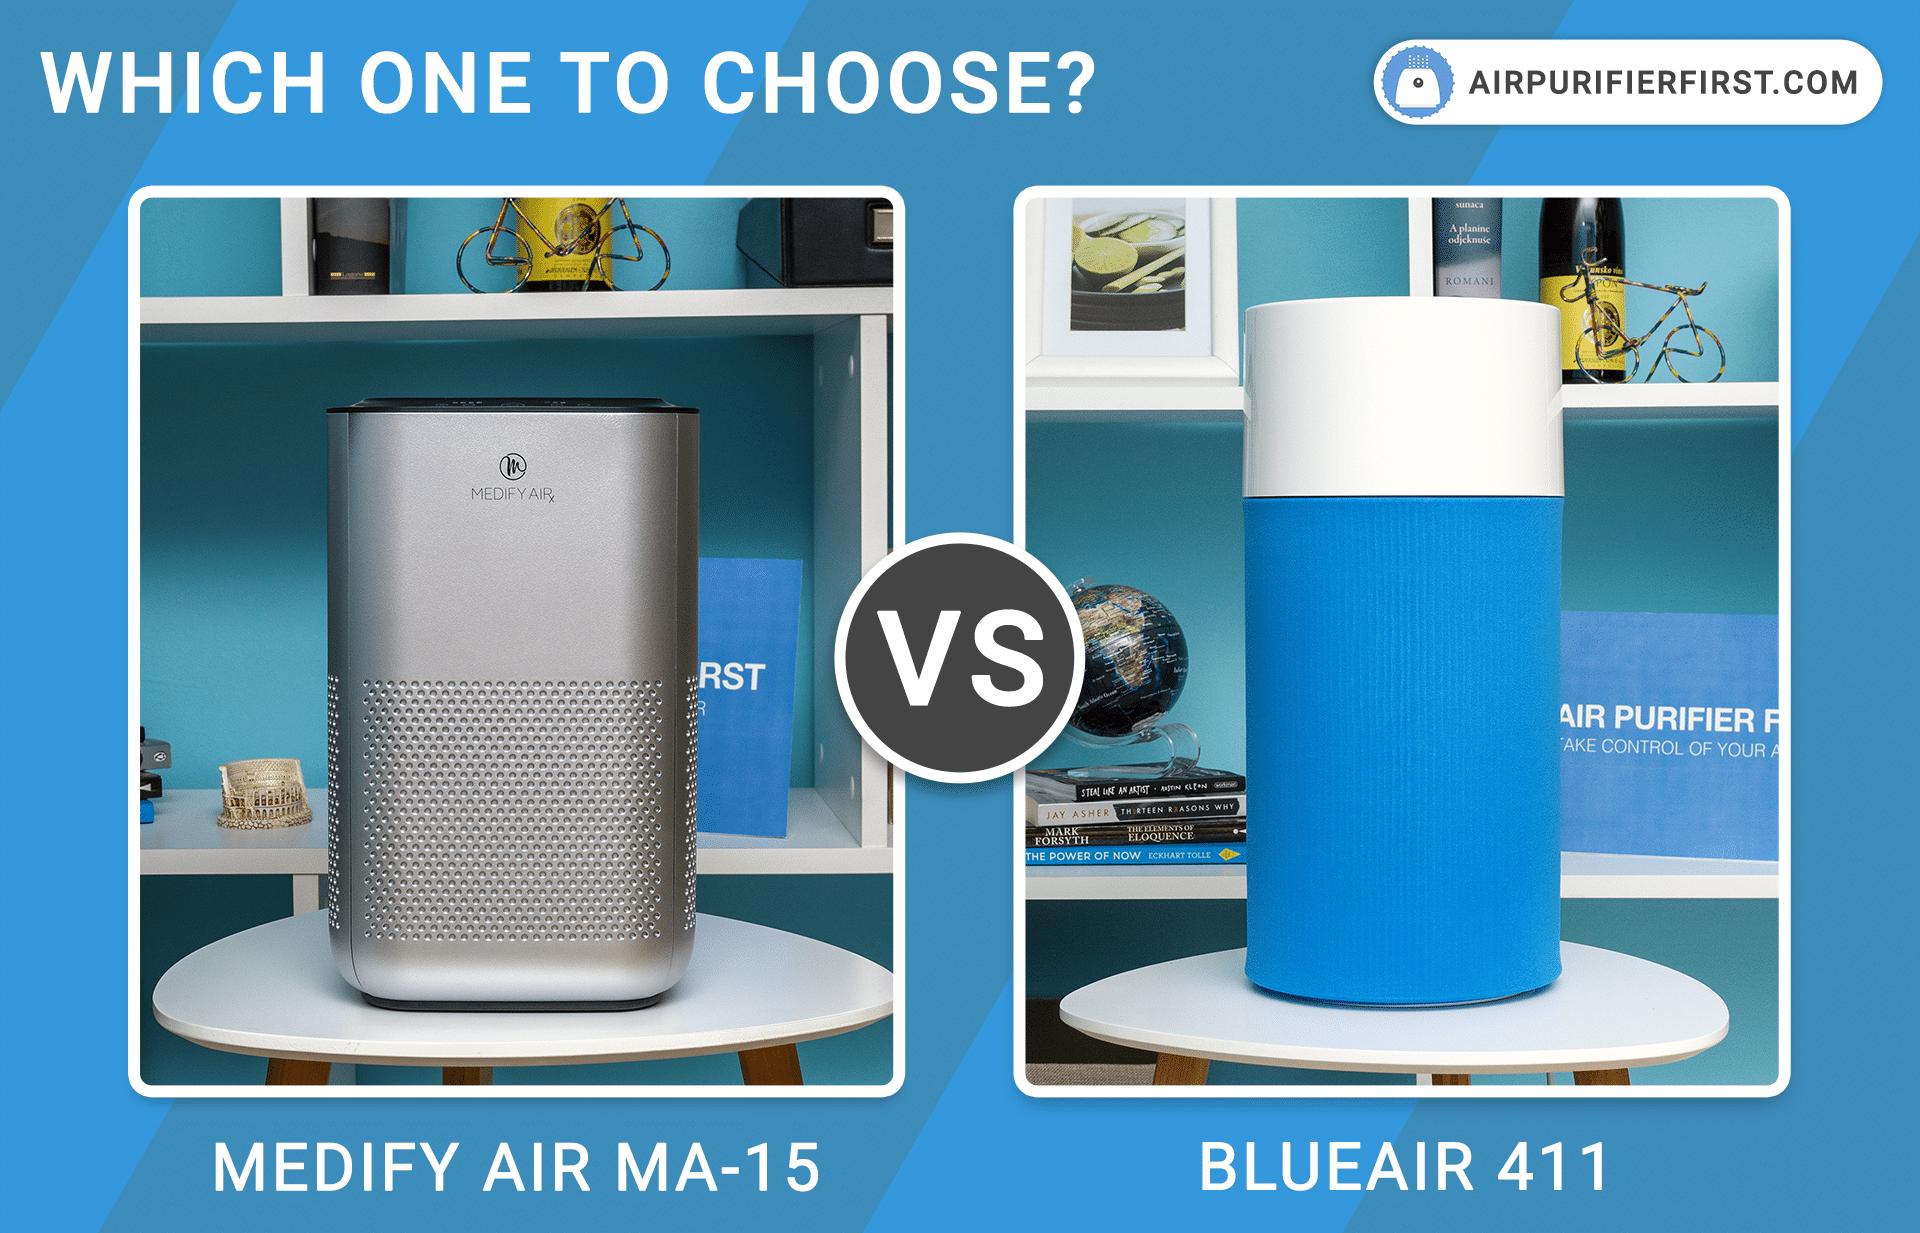 Medify Air MA-15 Vs Blueair 411 - Comparison